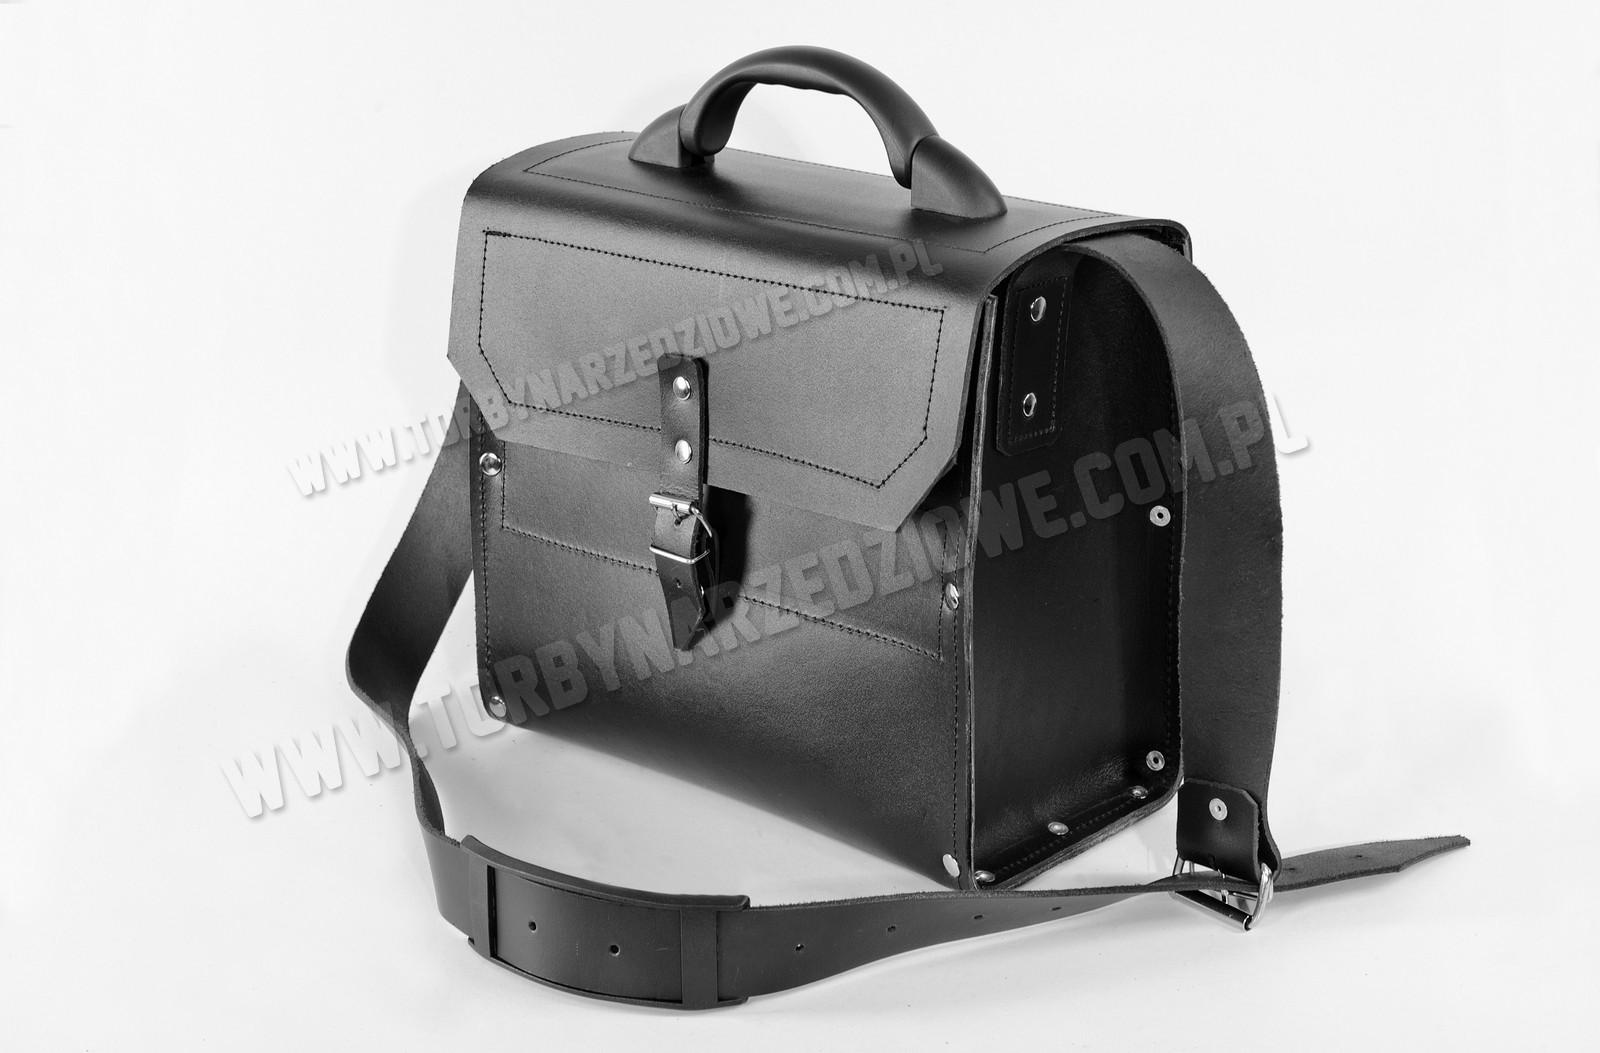 Skórzane torby narzędziowe, model AP008 Oferta Torby